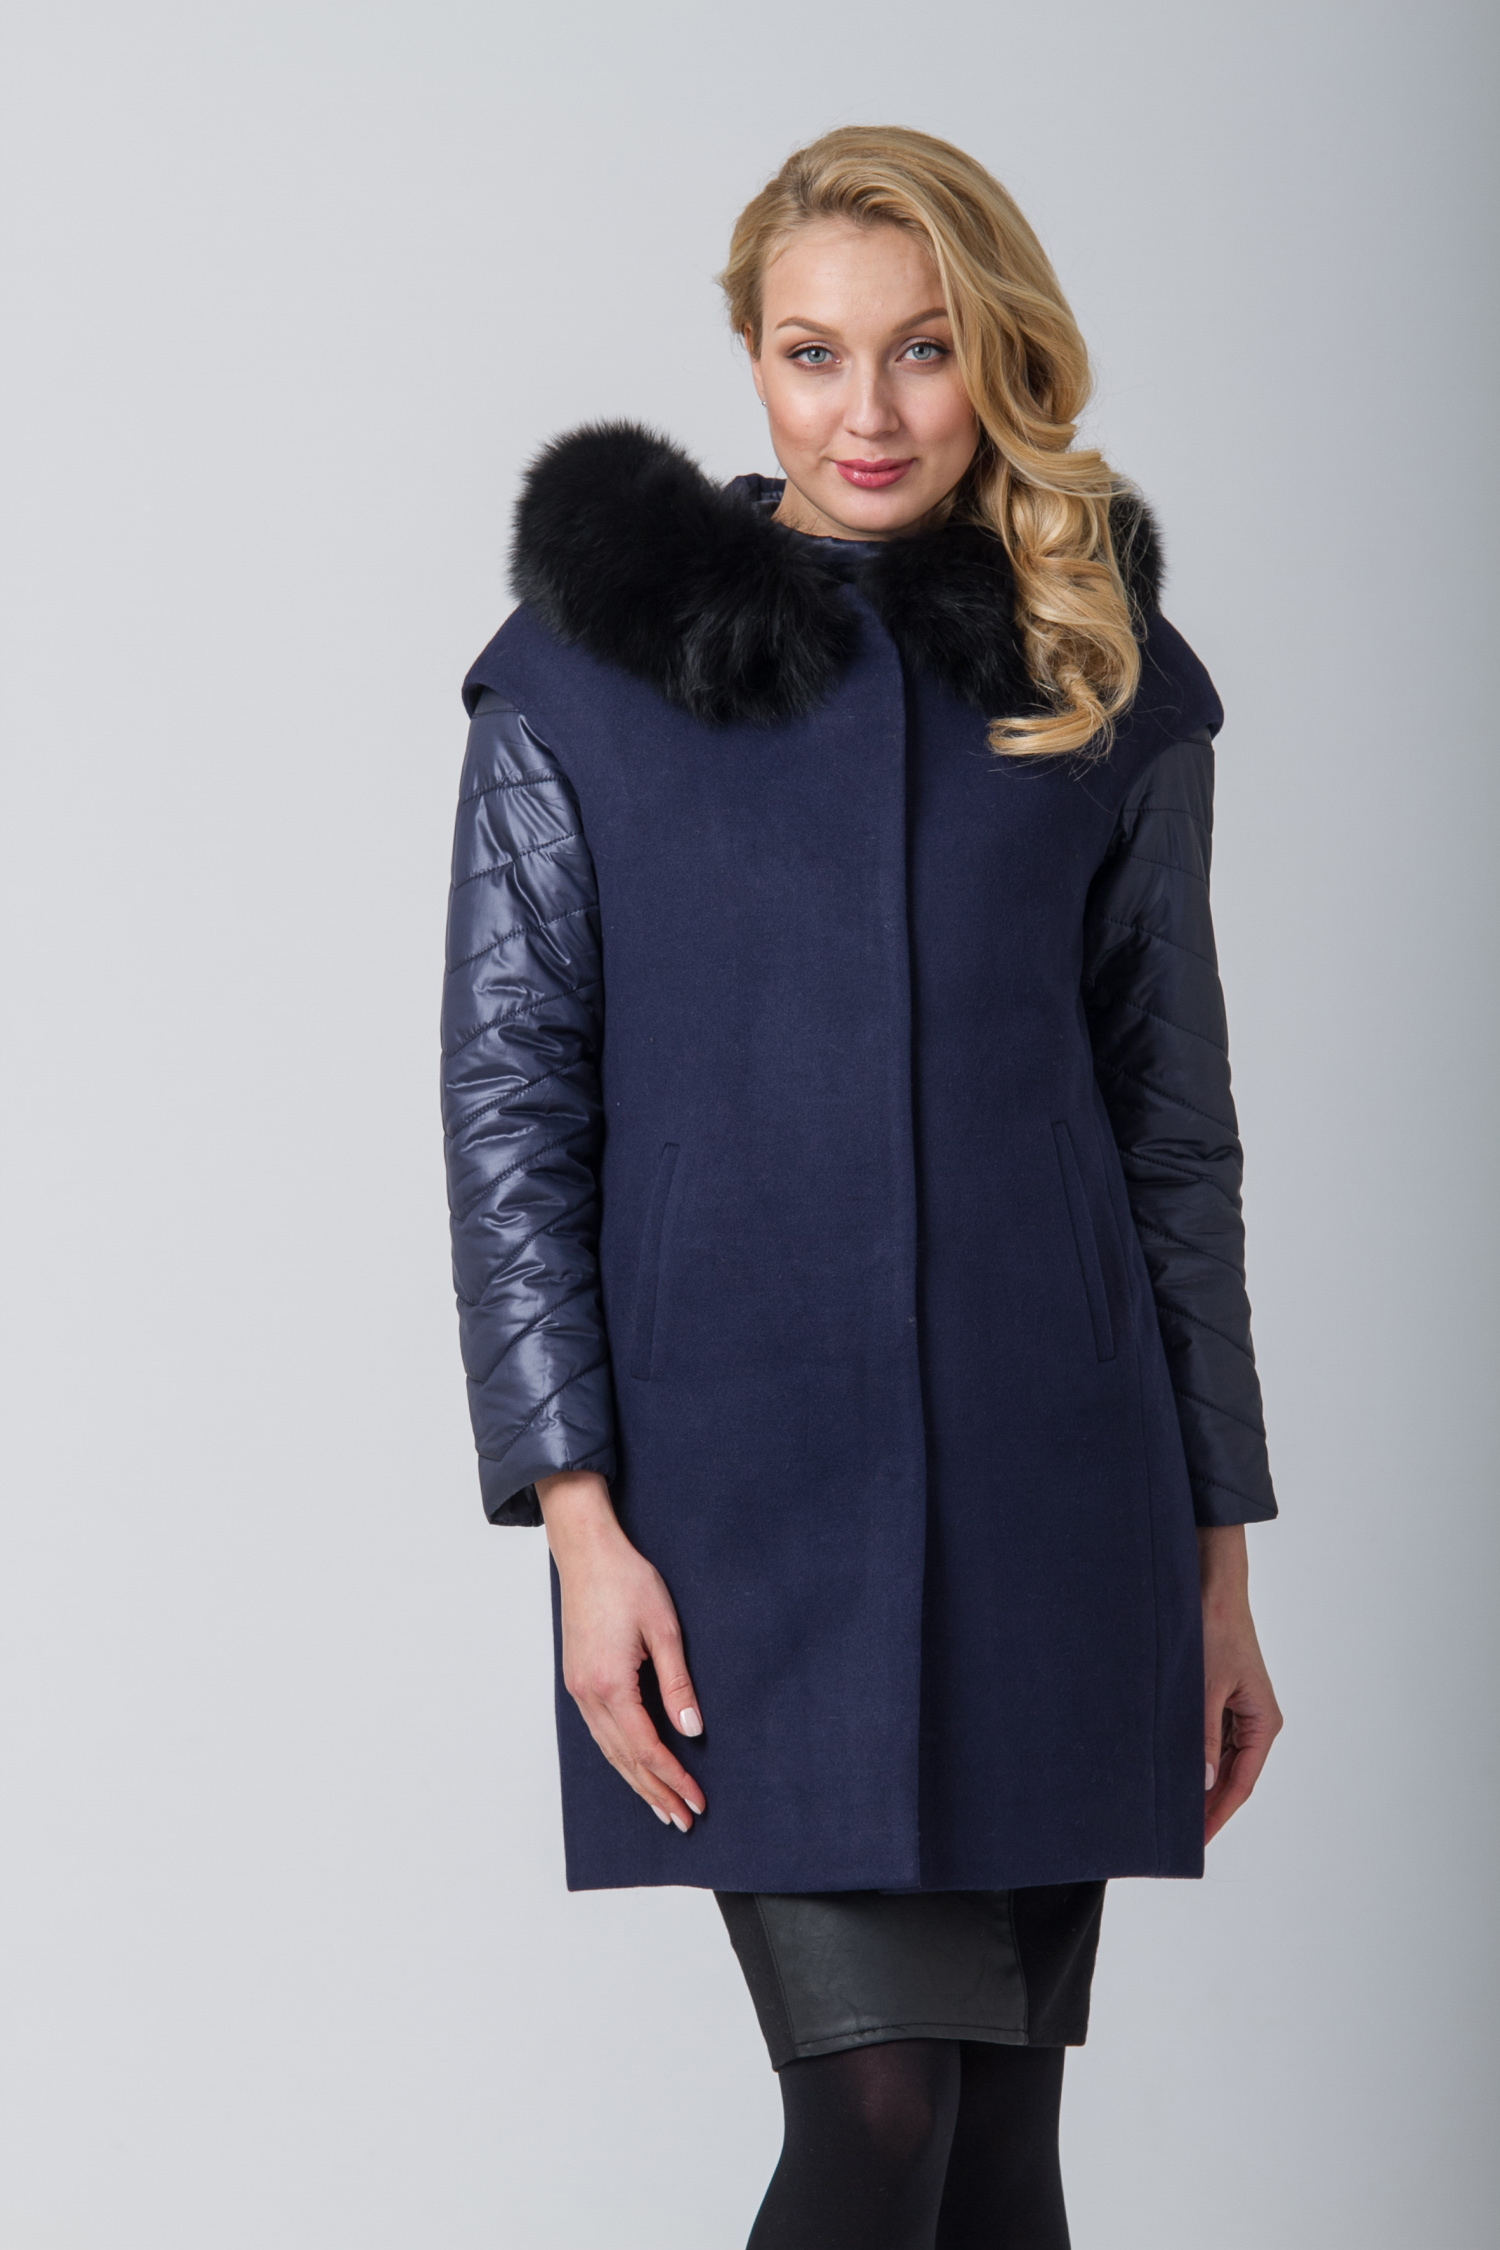 Пальто женское с капюшоном, отделка песец<br><br>Воротник: капюшон<br>Длина см: Длинная (свыше 90)<br>Материал: Текстиль<br>Цвет: синий<br>Вид застежки: потайная<br>Застежка: на кнопки<br>Пол: Женский<br>Размер RU: 48